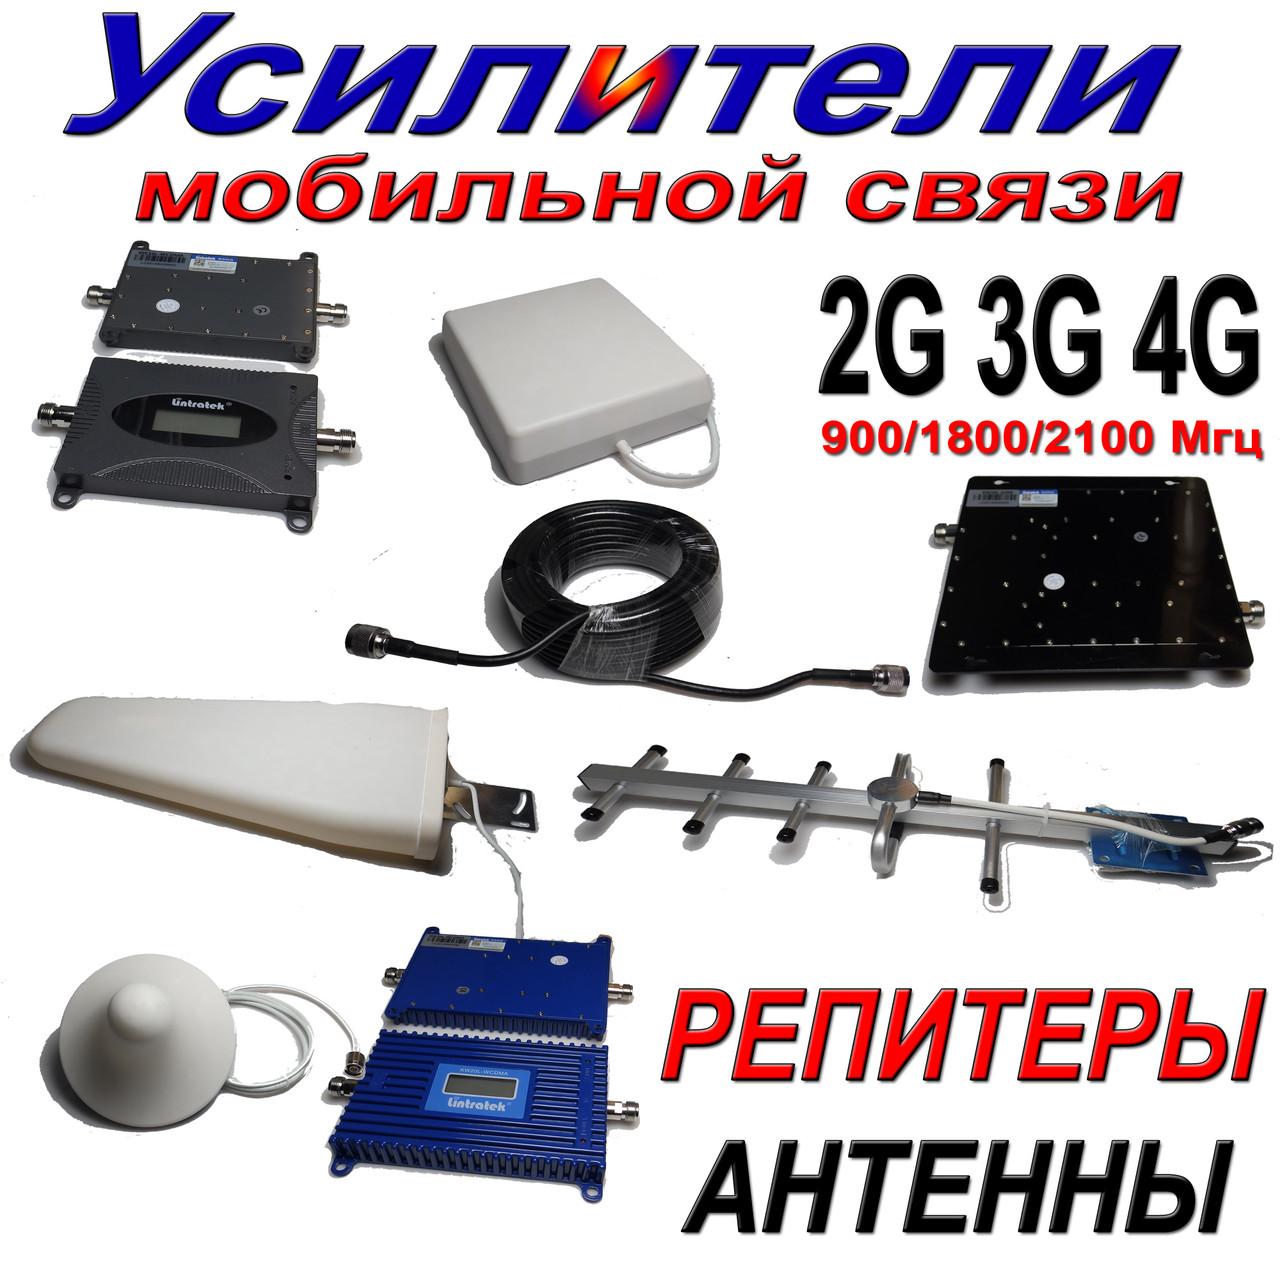 GSM усилитель мобильного сигнала репитер Lintratek KW16L-DCS 1800 2100 комплект Оригинал +Подарок +Скидка